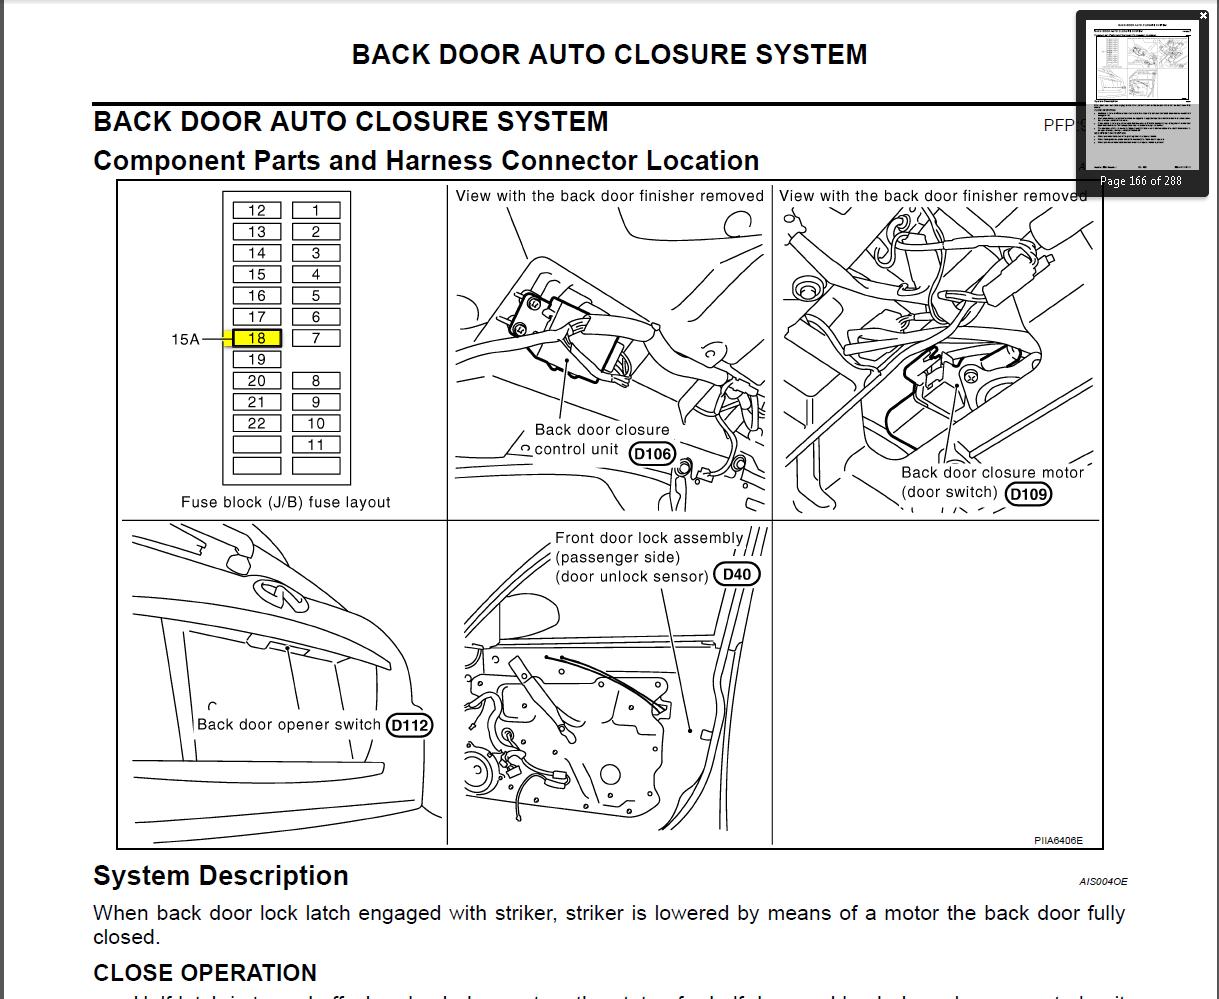 infiniti fx fx35 fuse box wiring diagram schema blogfx35 fuse box wiring diagram mega infiniti fx fx35 fuse box